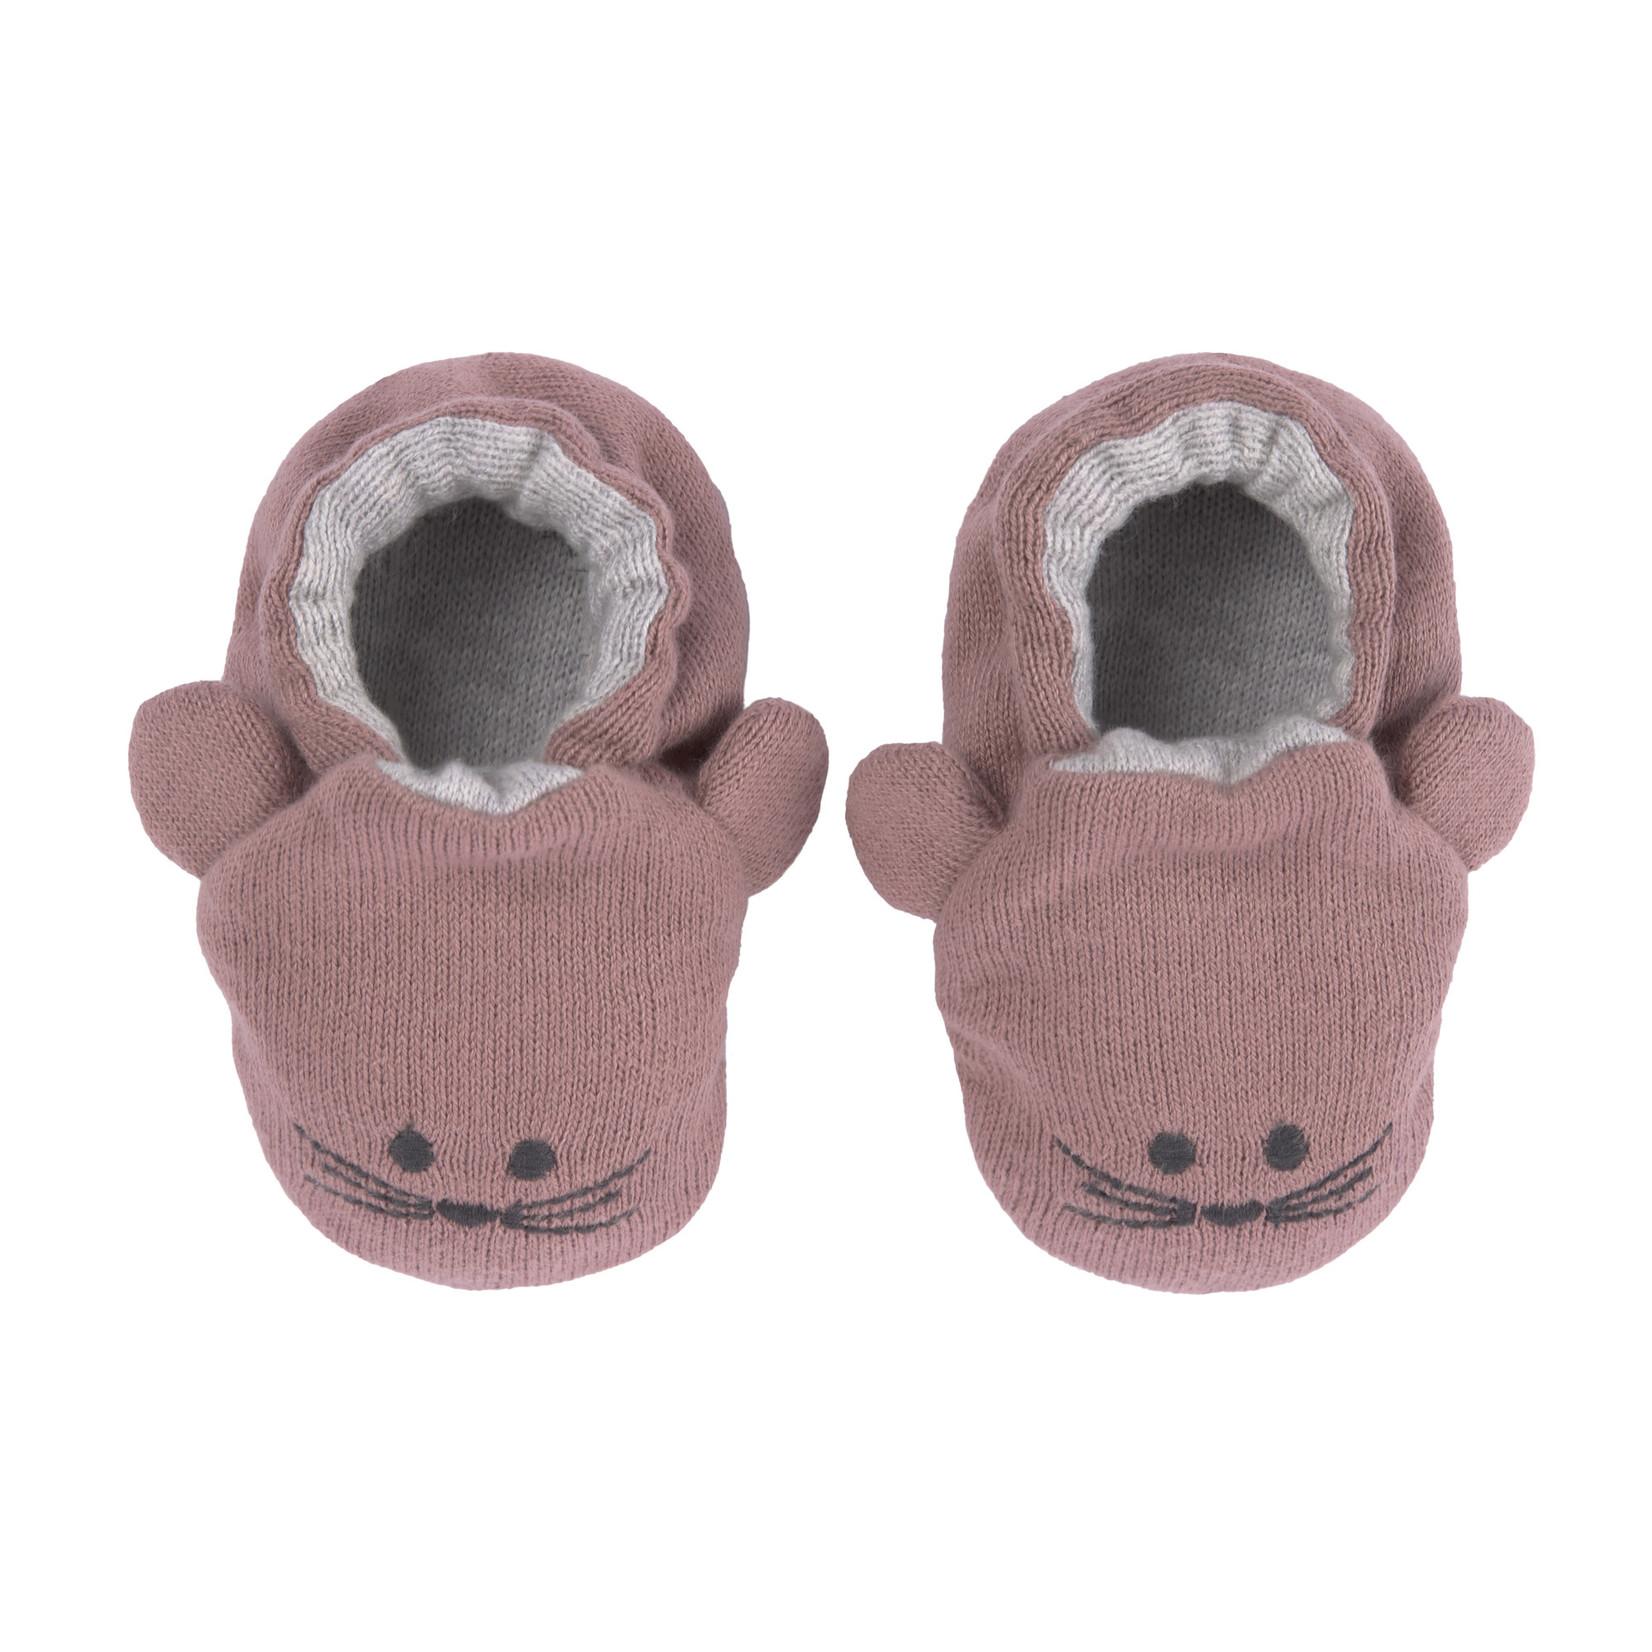 Lässig Fashion Bezaubernde Babyschuhe aus 100 % Bio-Baumwolle | Maus-Motiv